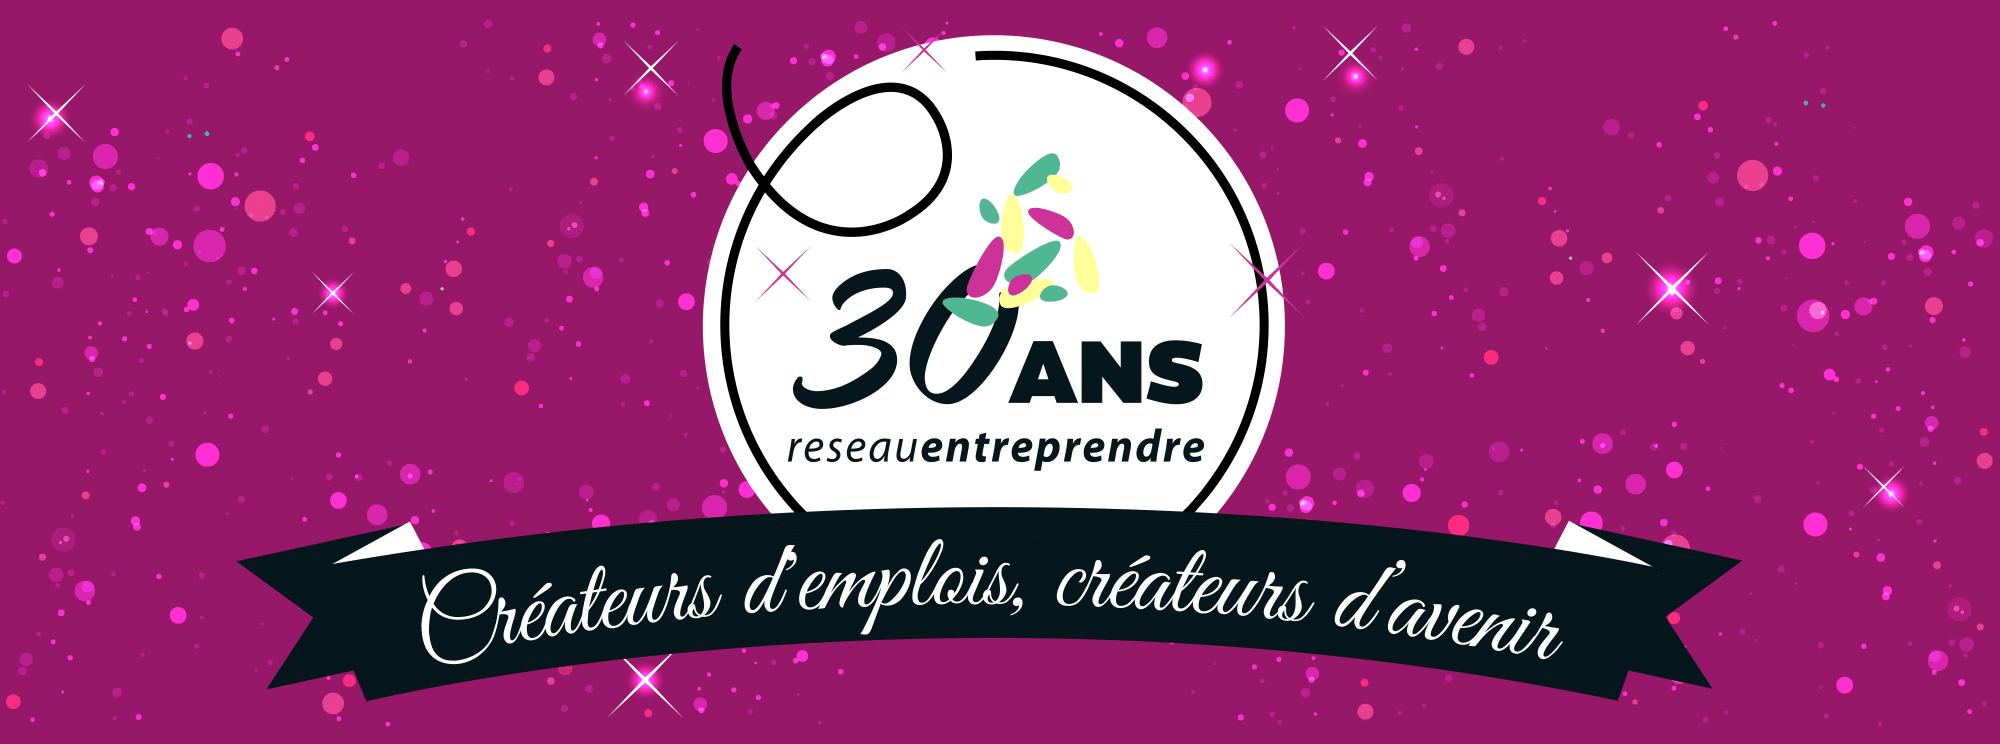 L'entrepreneuriat, une passion